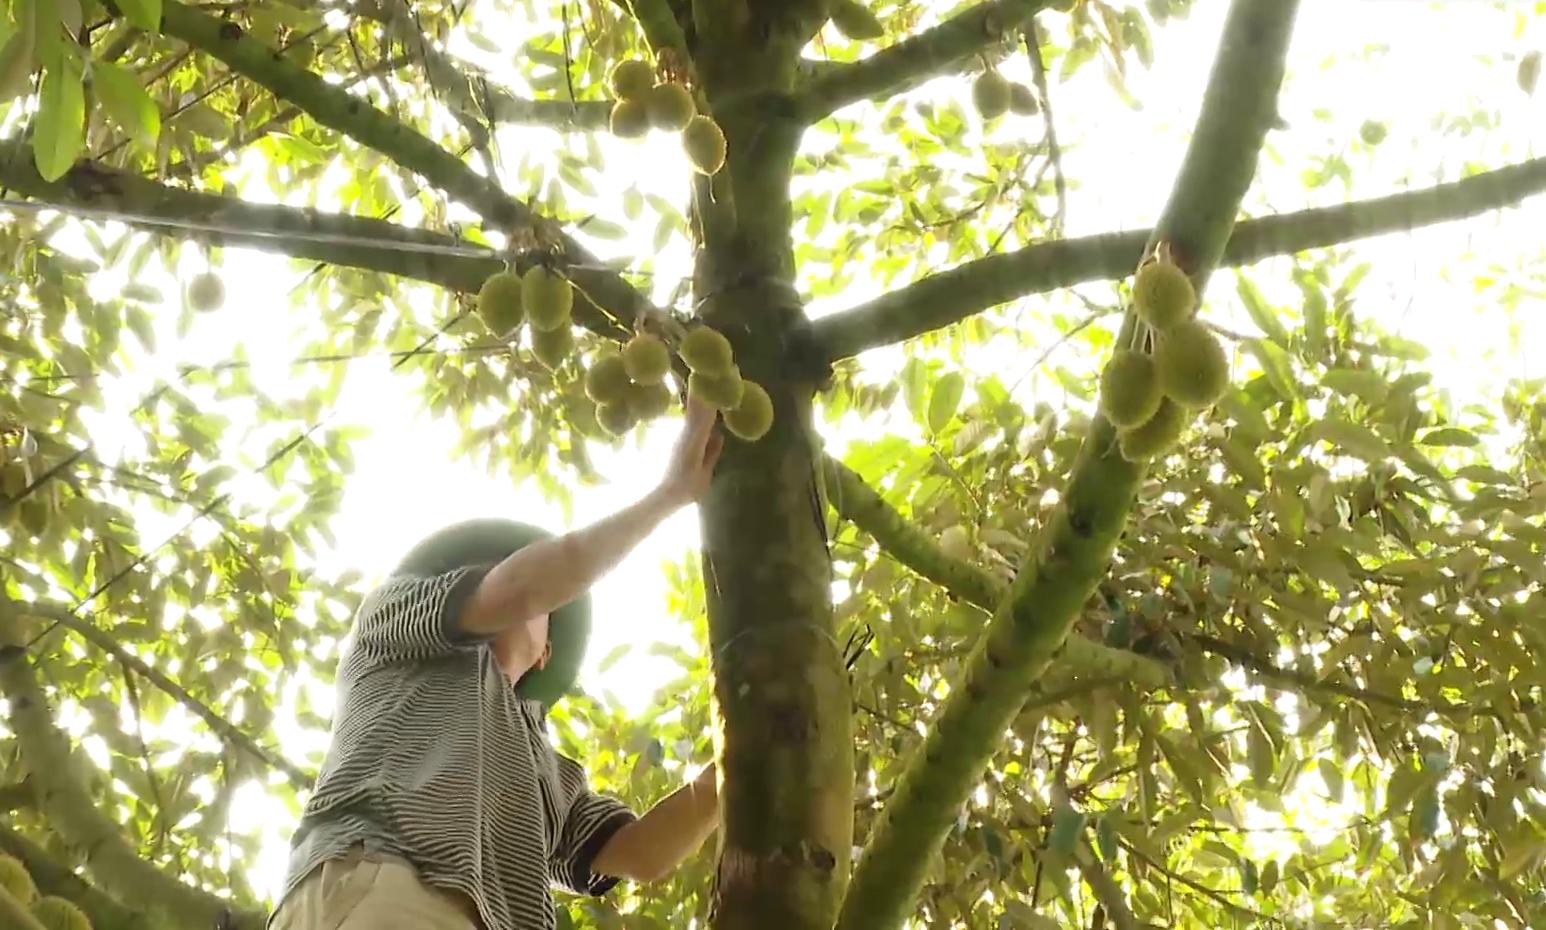 Tiền Giang: Nôn nóng làm điều này, hàng loạt vườn rụng trái non, nông dân nếm vụ sầu riêng đắng  - Ảnh 3.